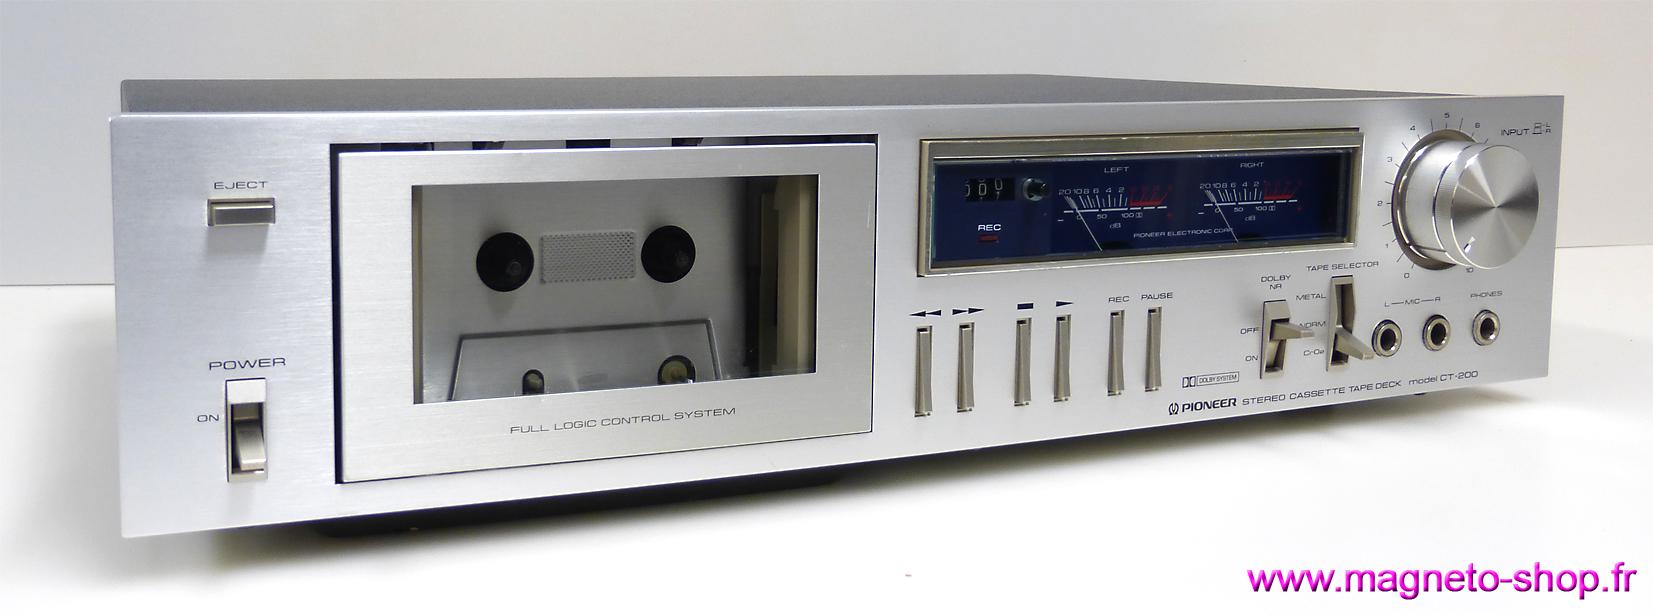 PIONEER CT-200